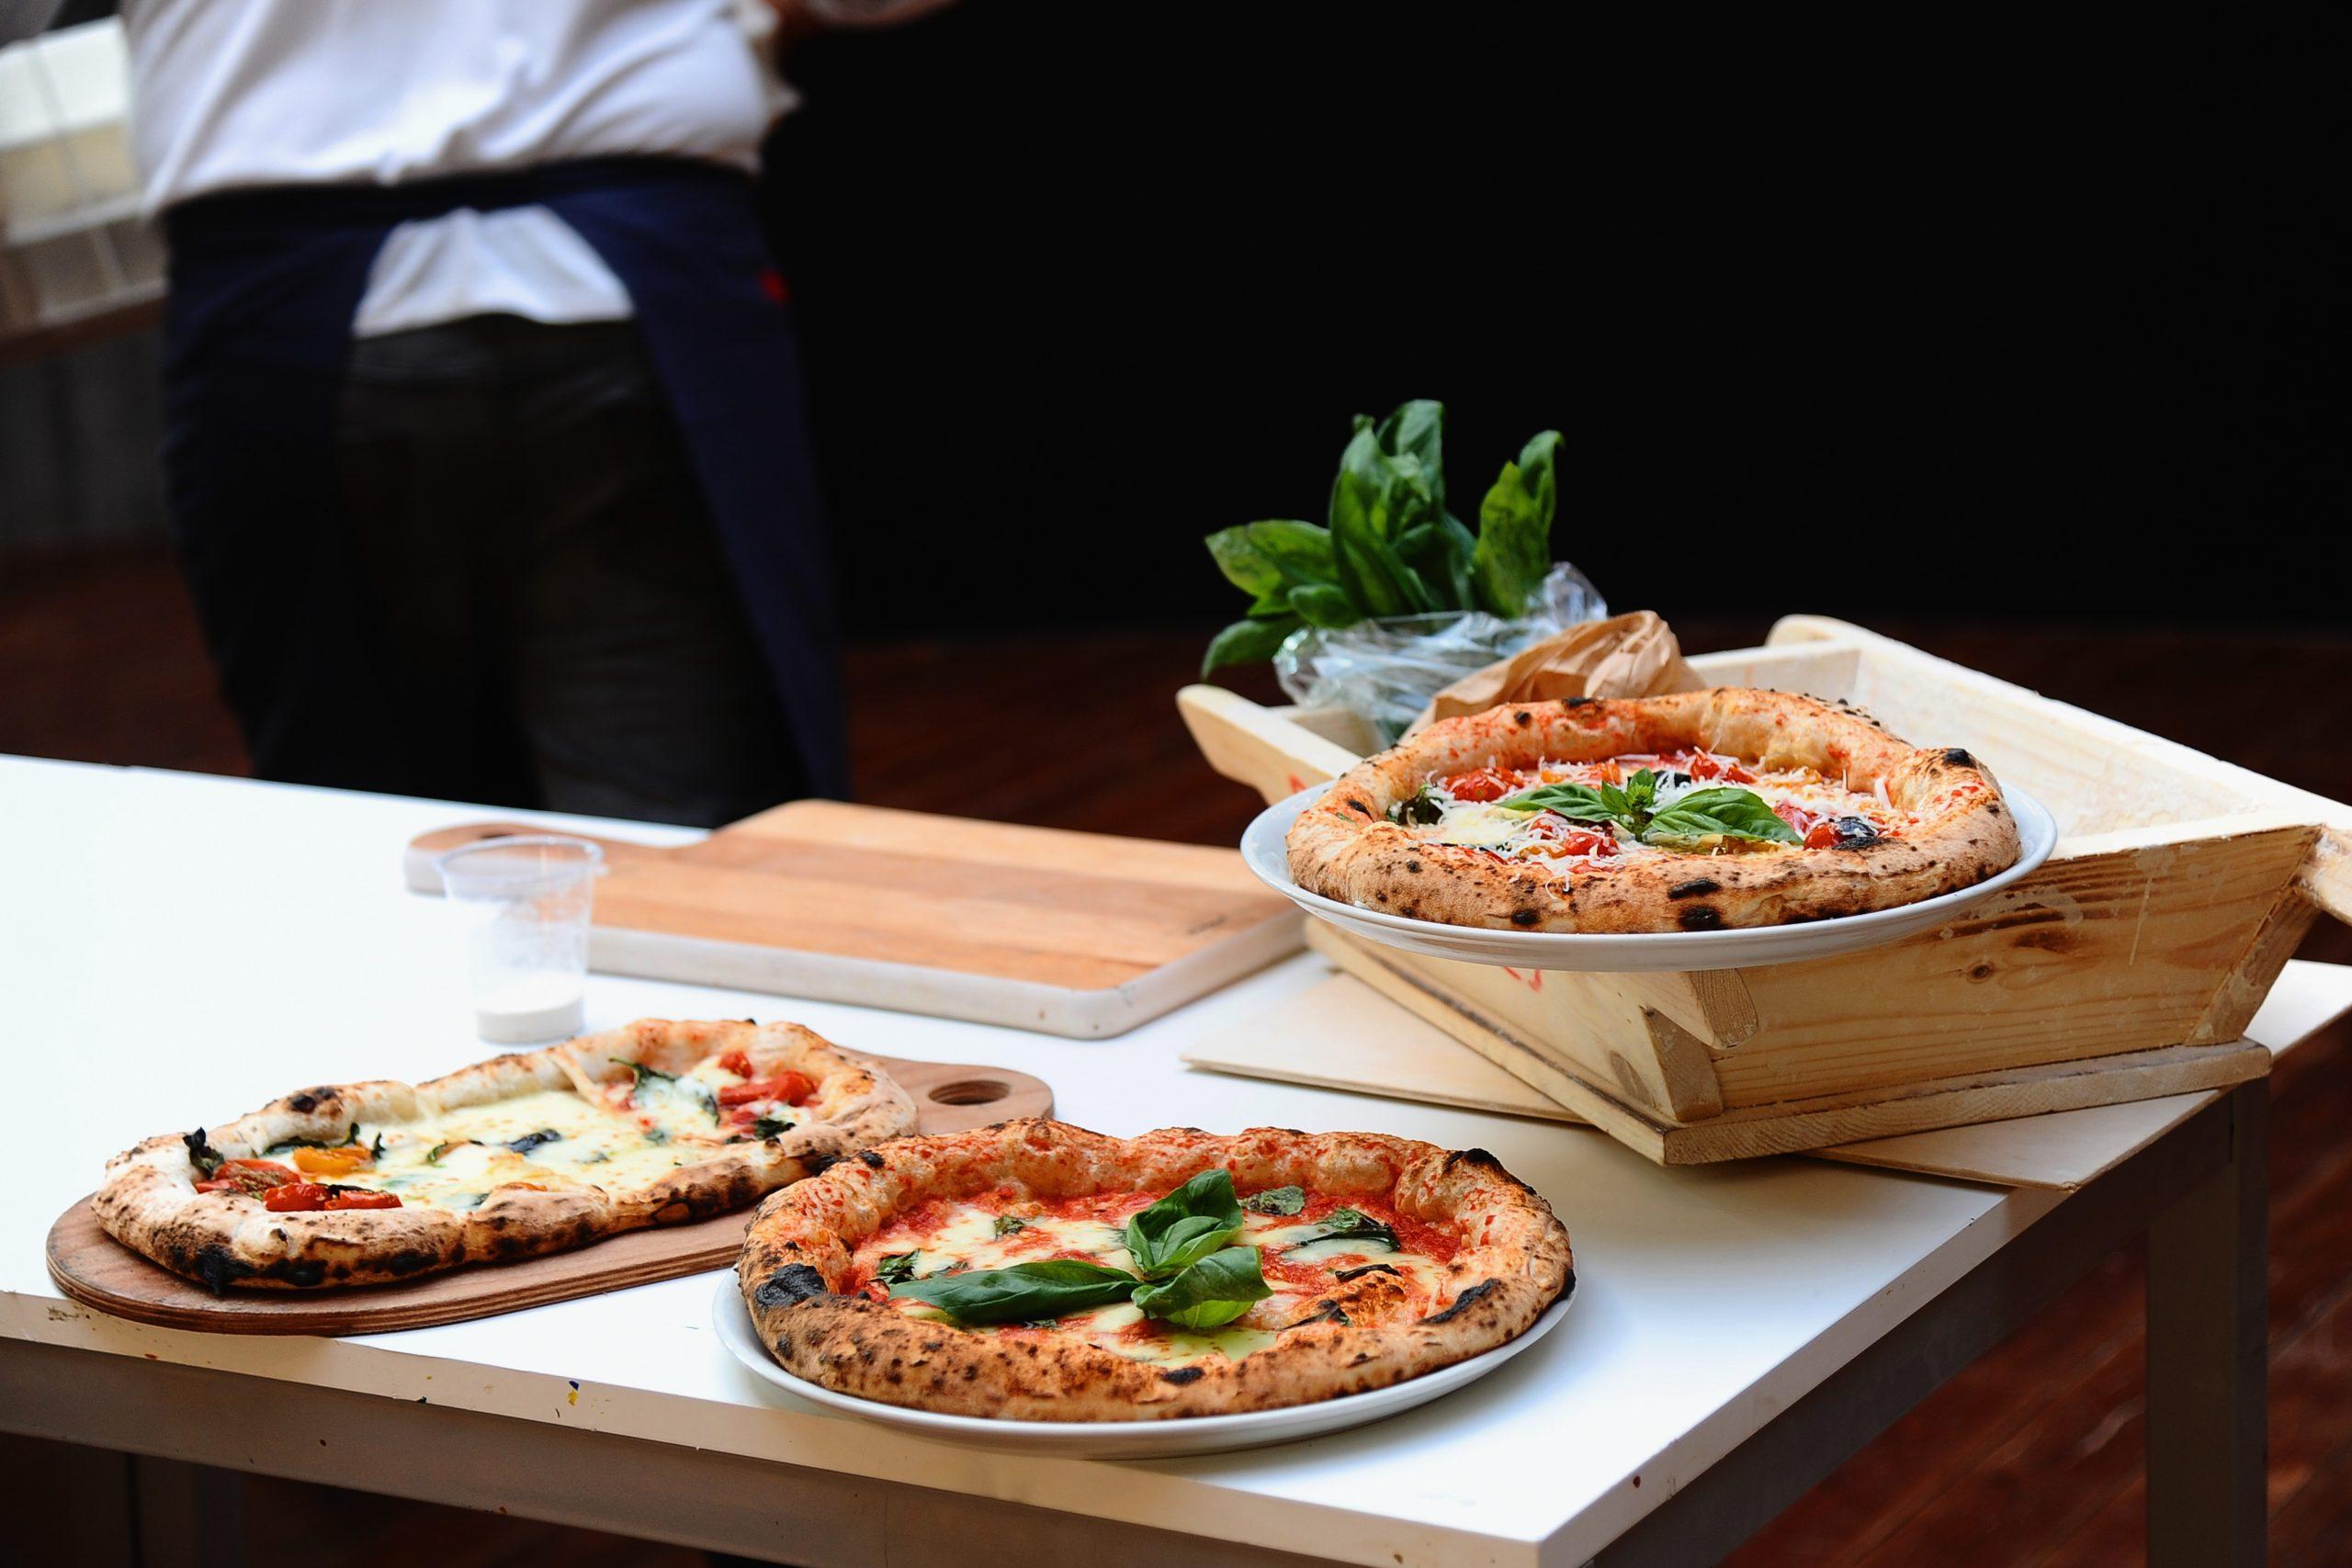 Masa de pizza proteica y muesli proteico: el furor de Instagram